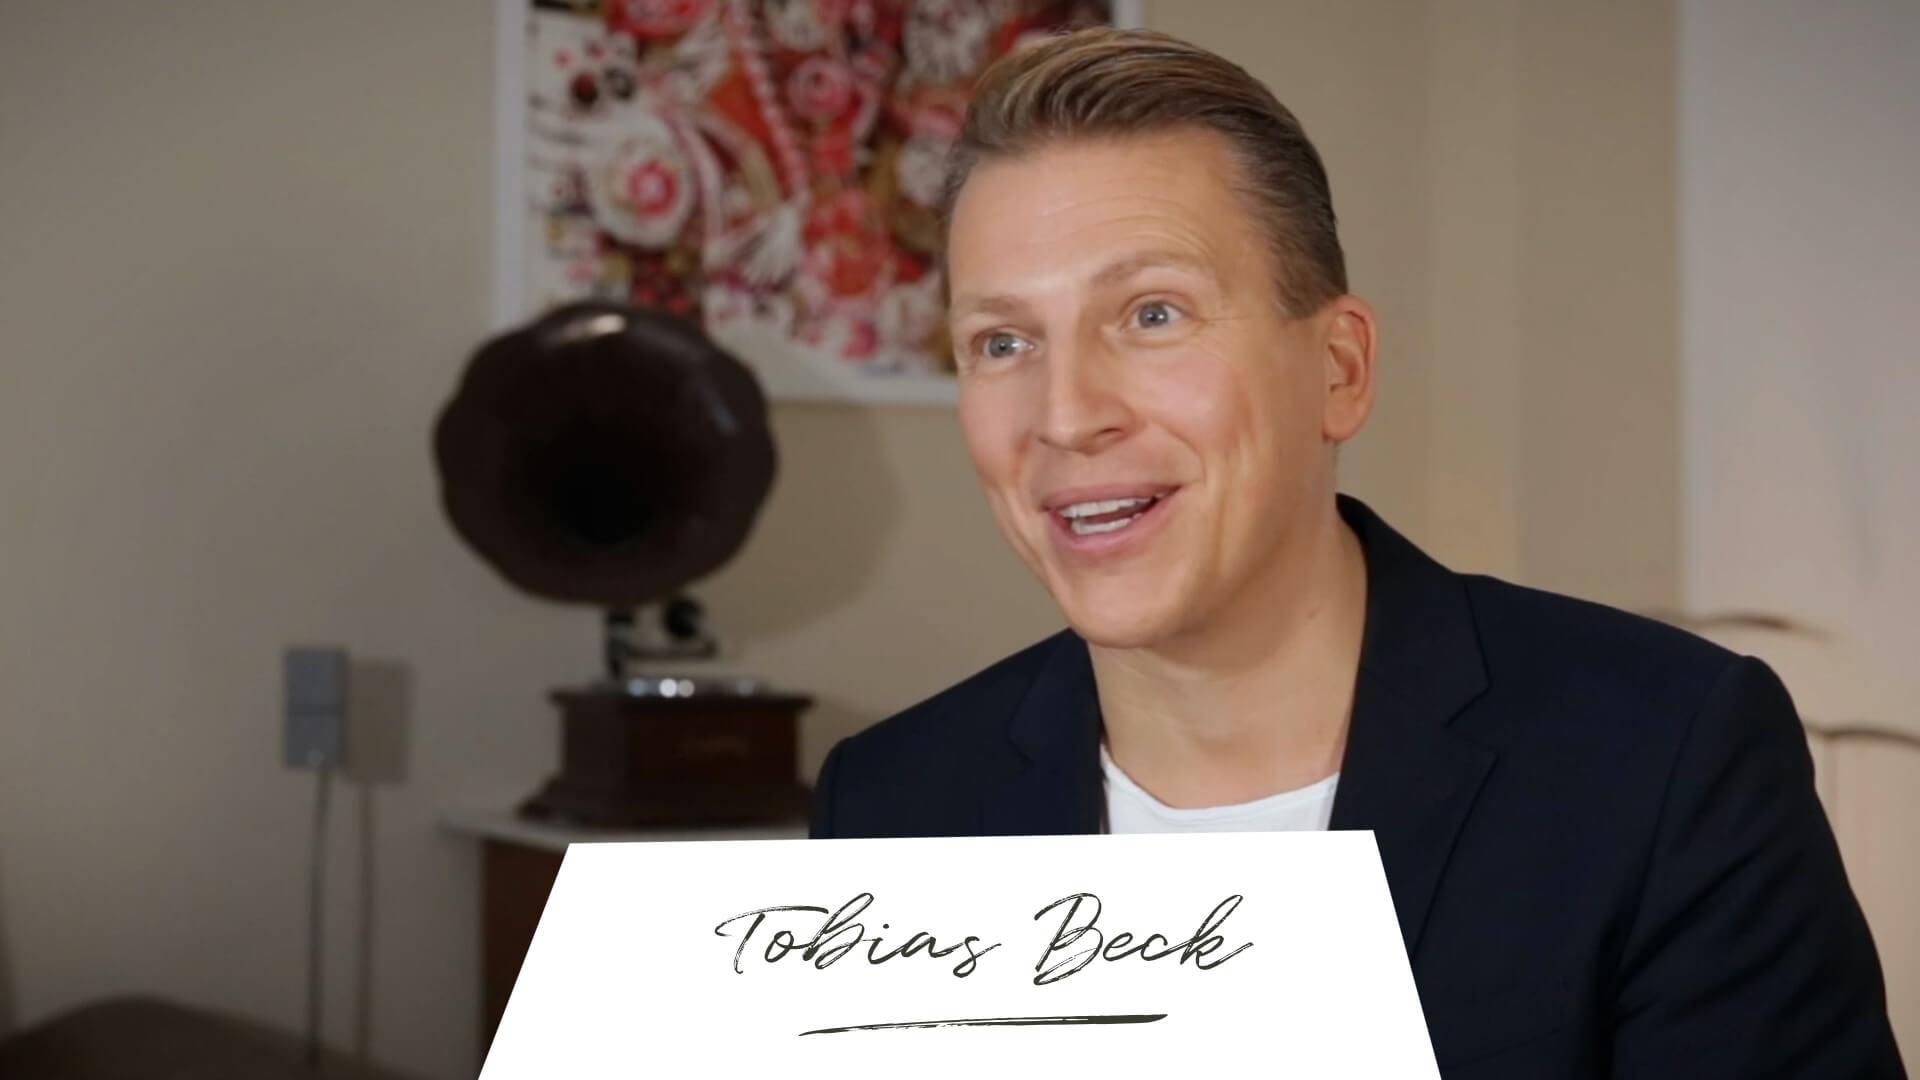 Where is now? Tobias Beck Wegbegleiter